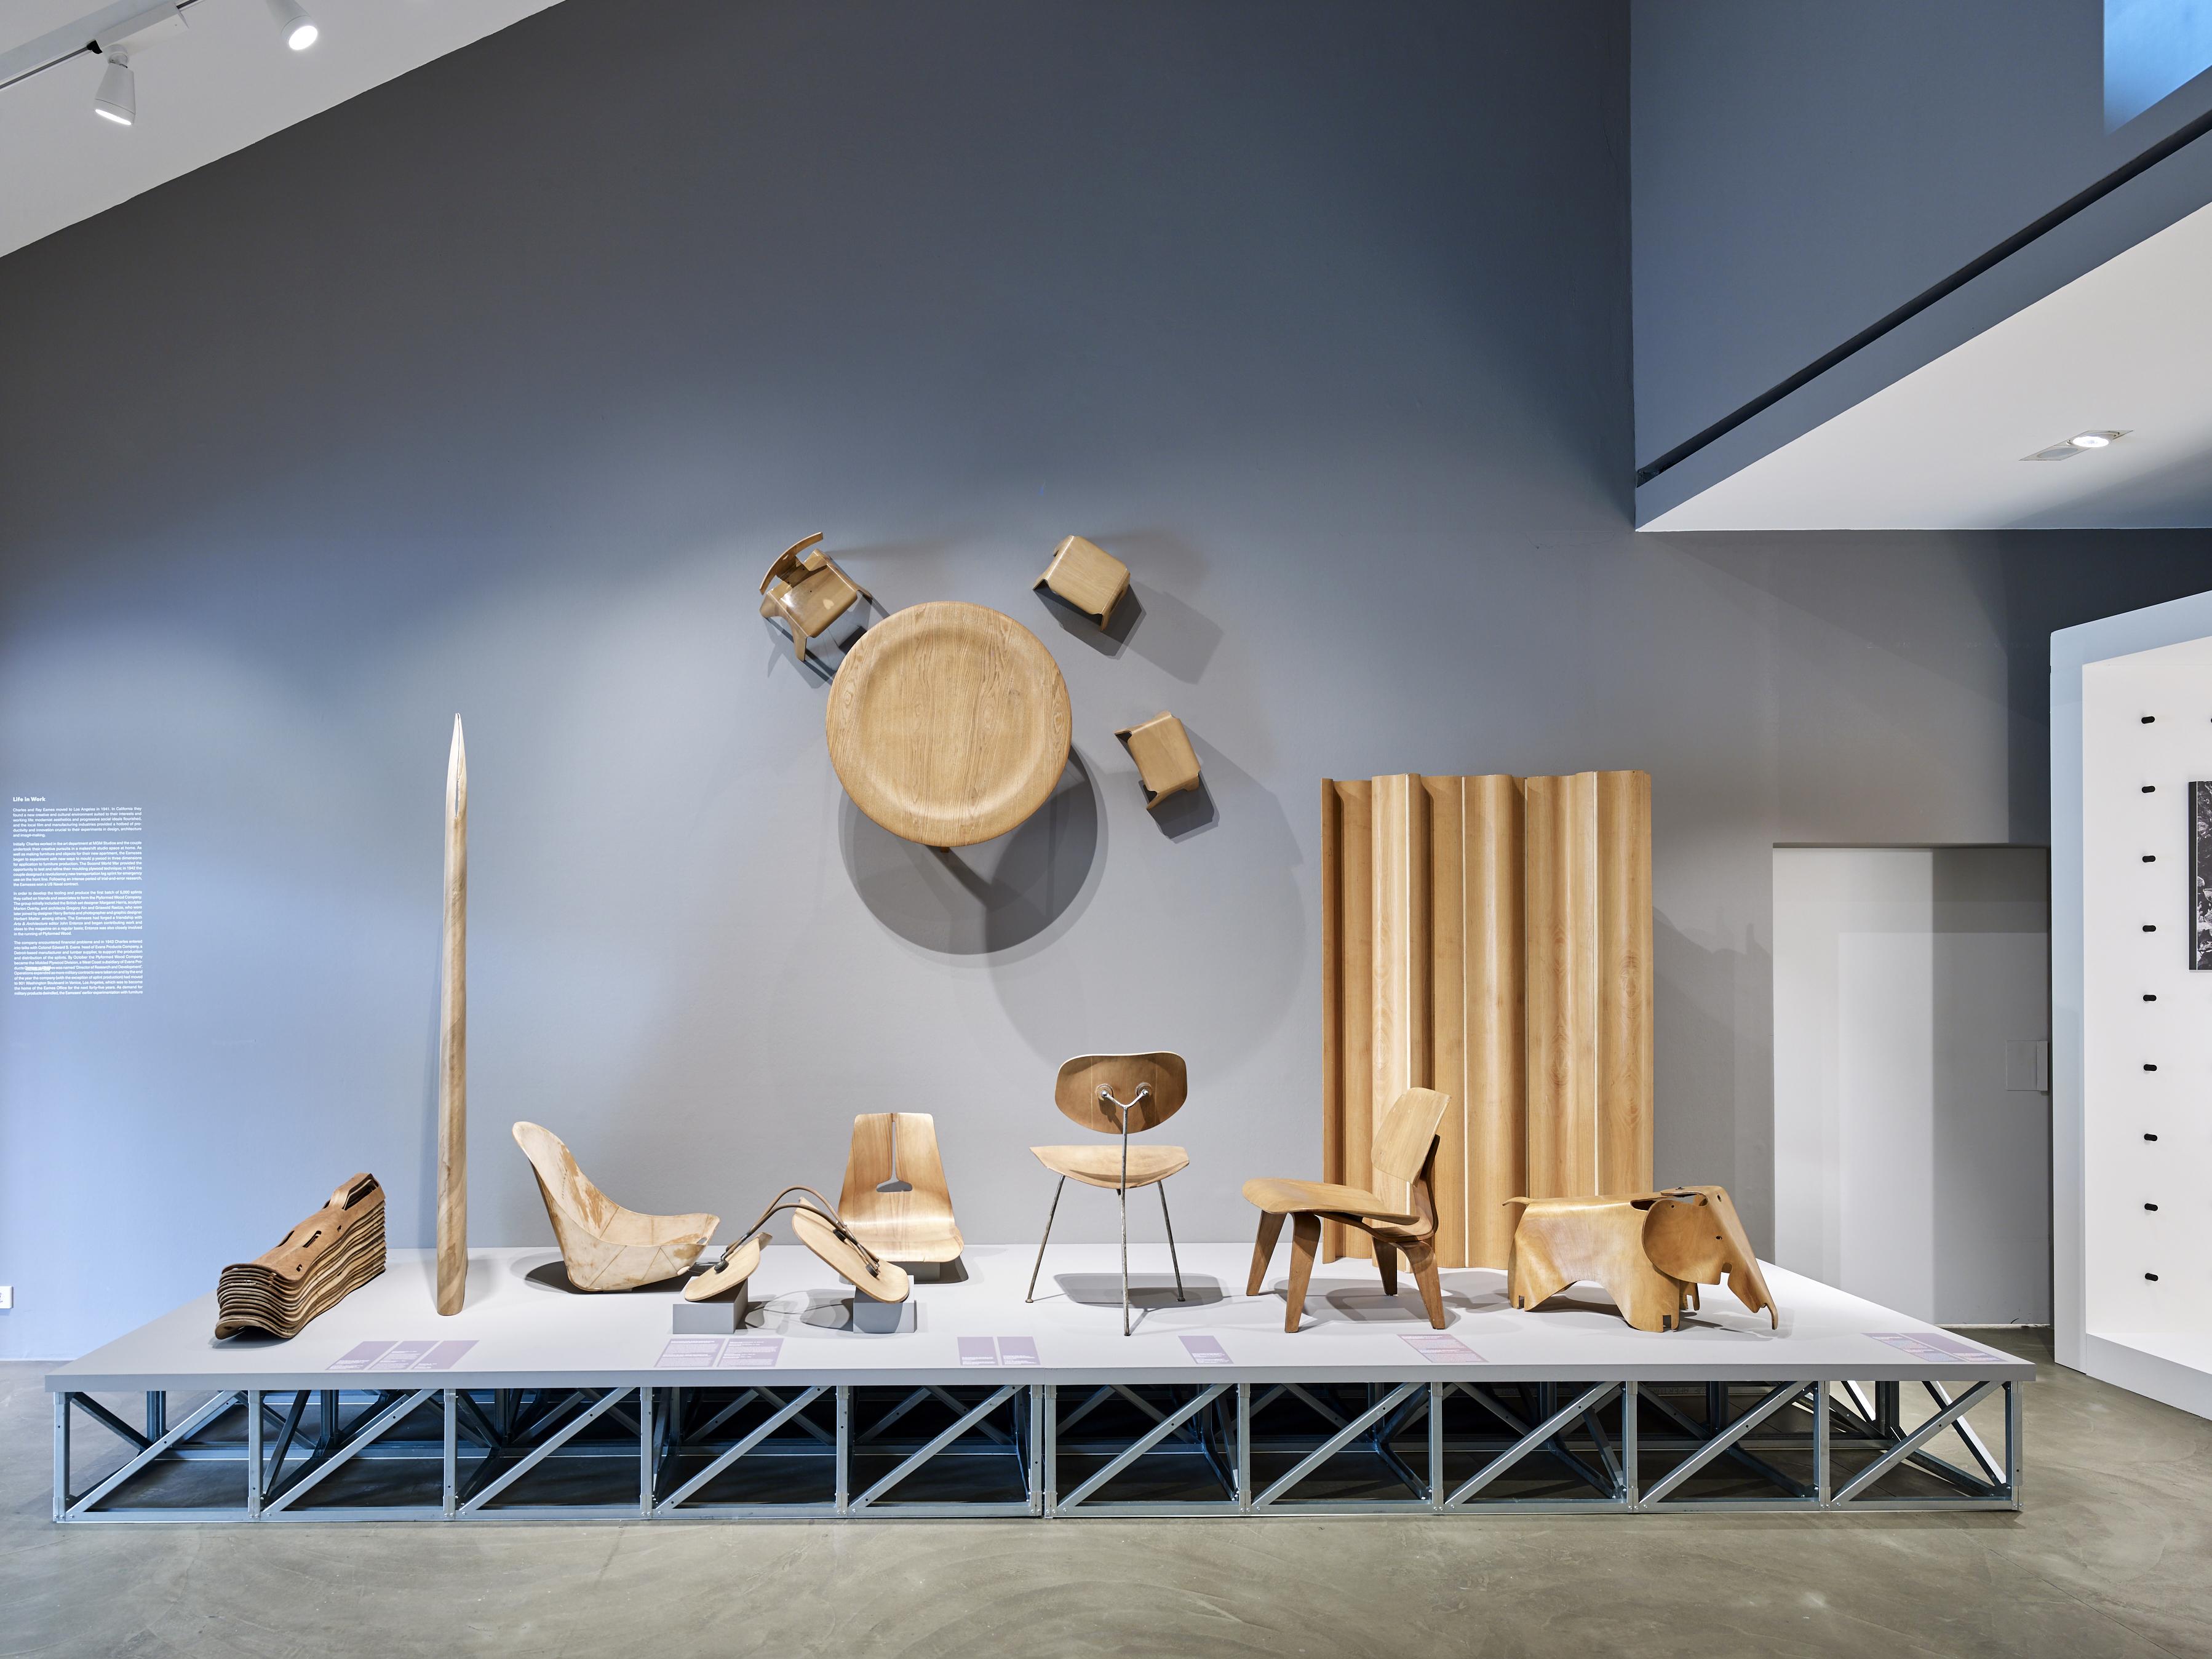 Ausstellungsbesprechung an eames celebration stylepark for Vitra design museum